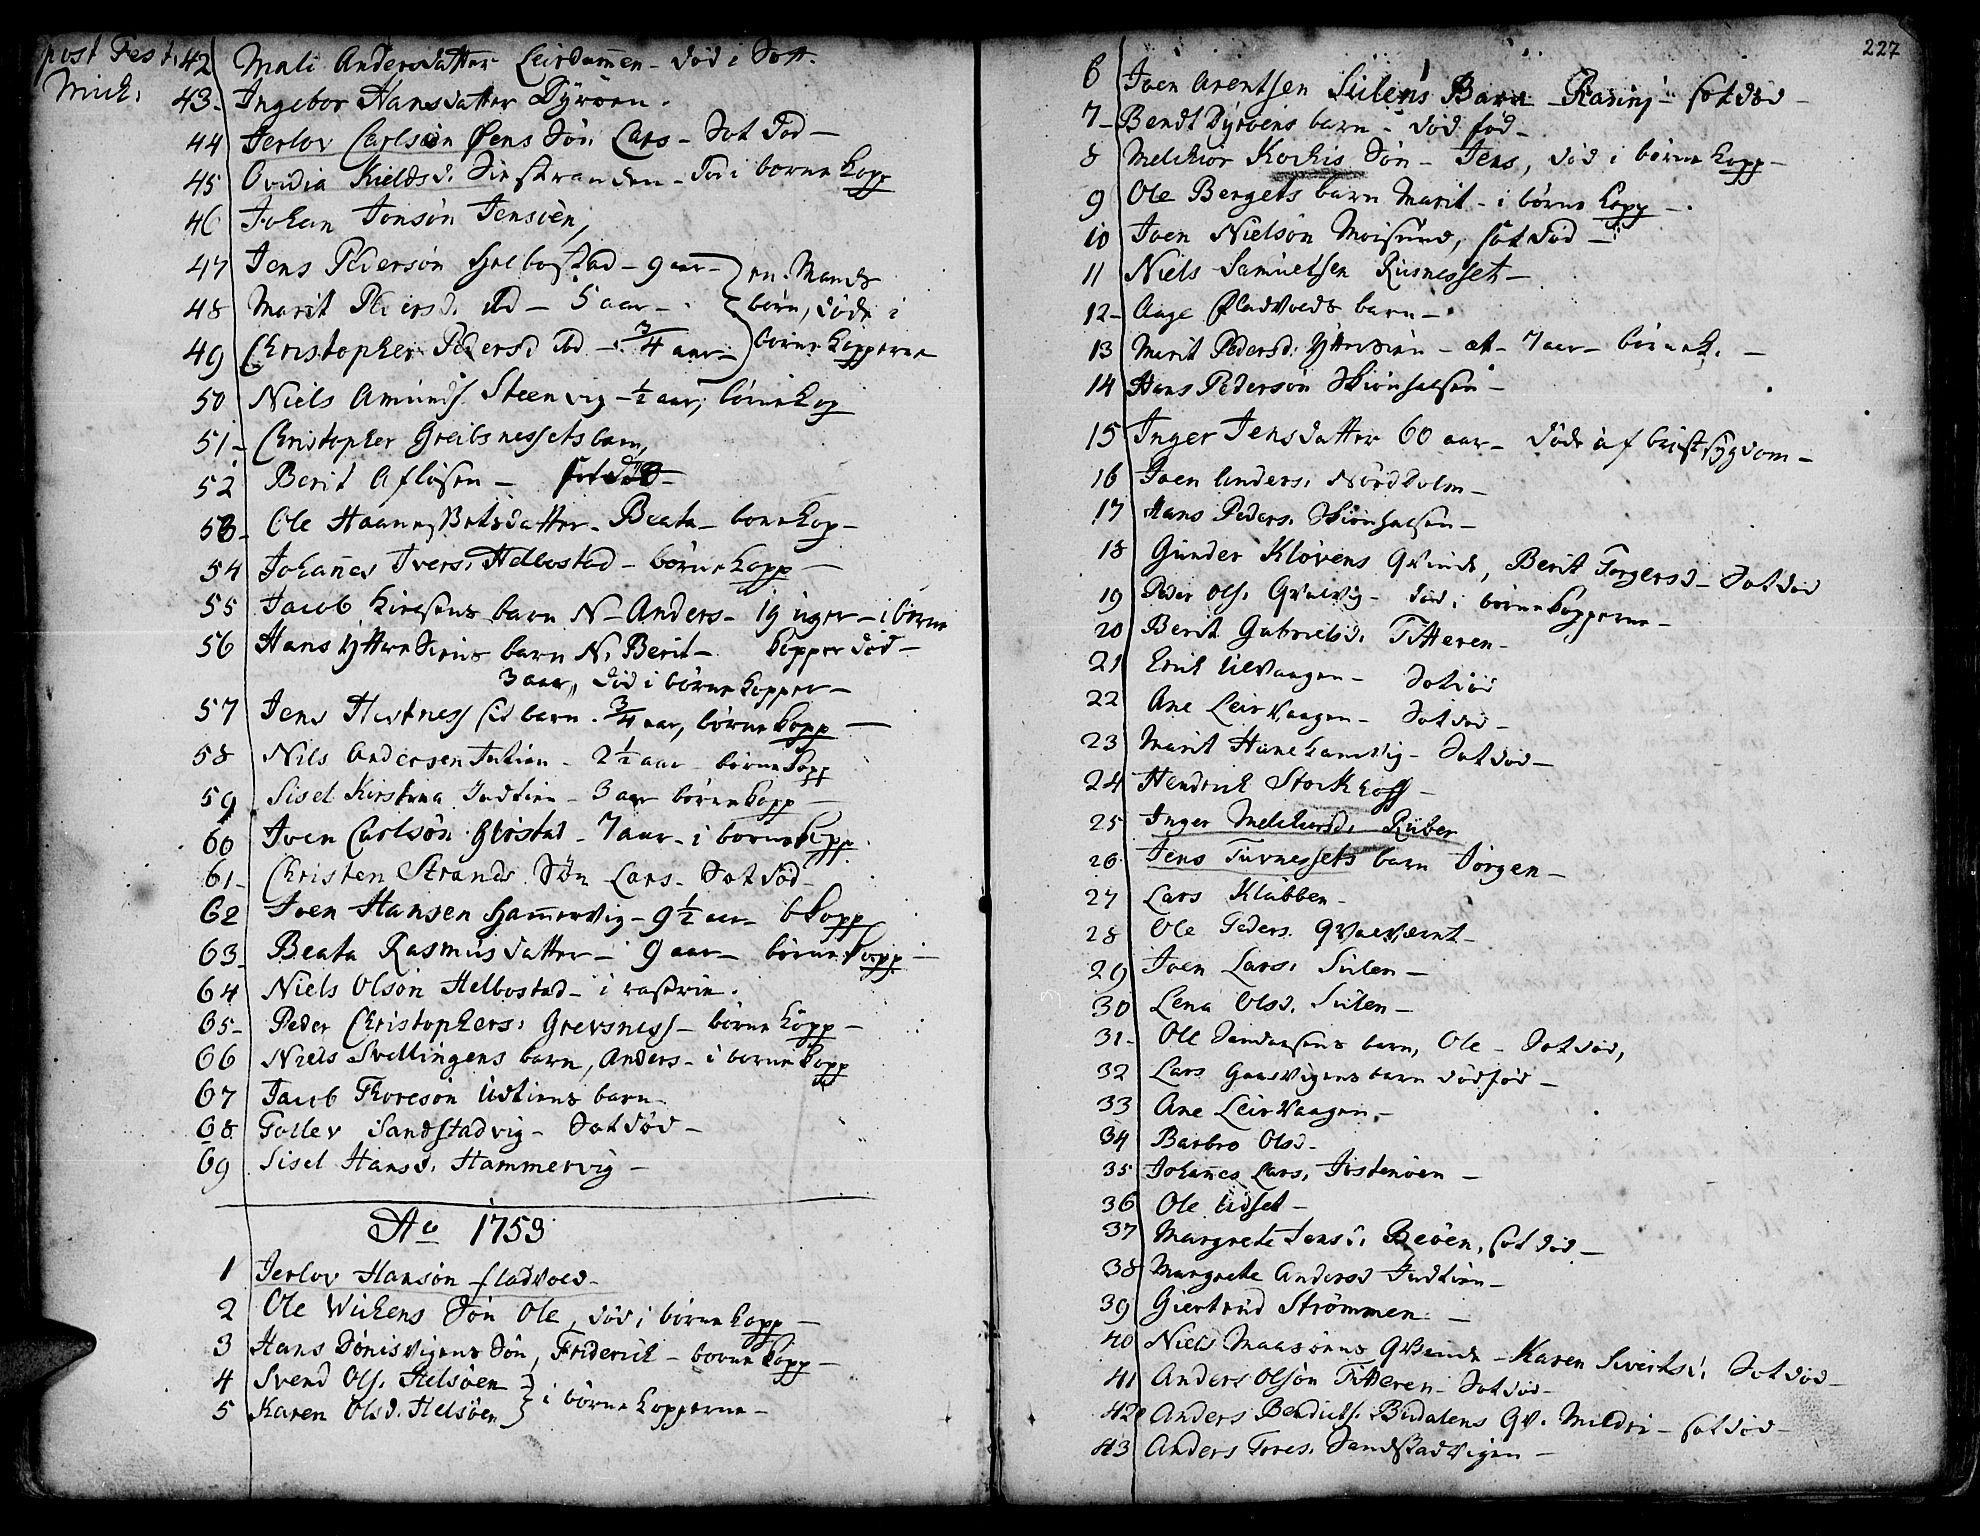 SAT, Ministerialprotokoller, klokkerbøker og fødselsregistre - Sør-Trøndelag, 634/L0525: Ministerialbok nr. 634A01, 1736-1775, s. 227